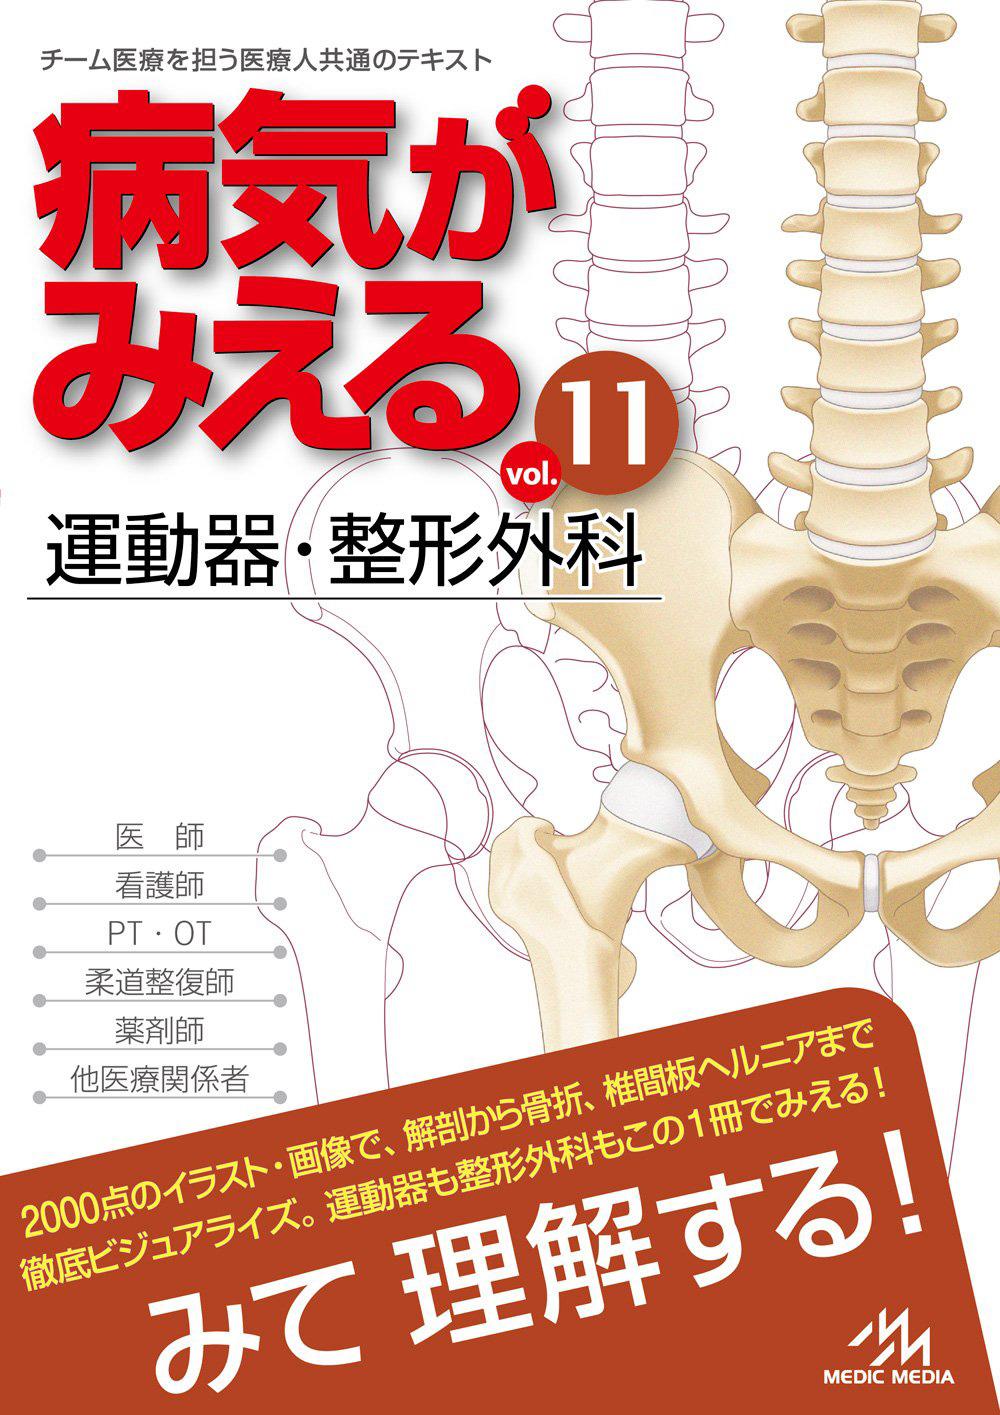 「病気がみえるvol.11運動器・整形外科(第1版)」発売中!